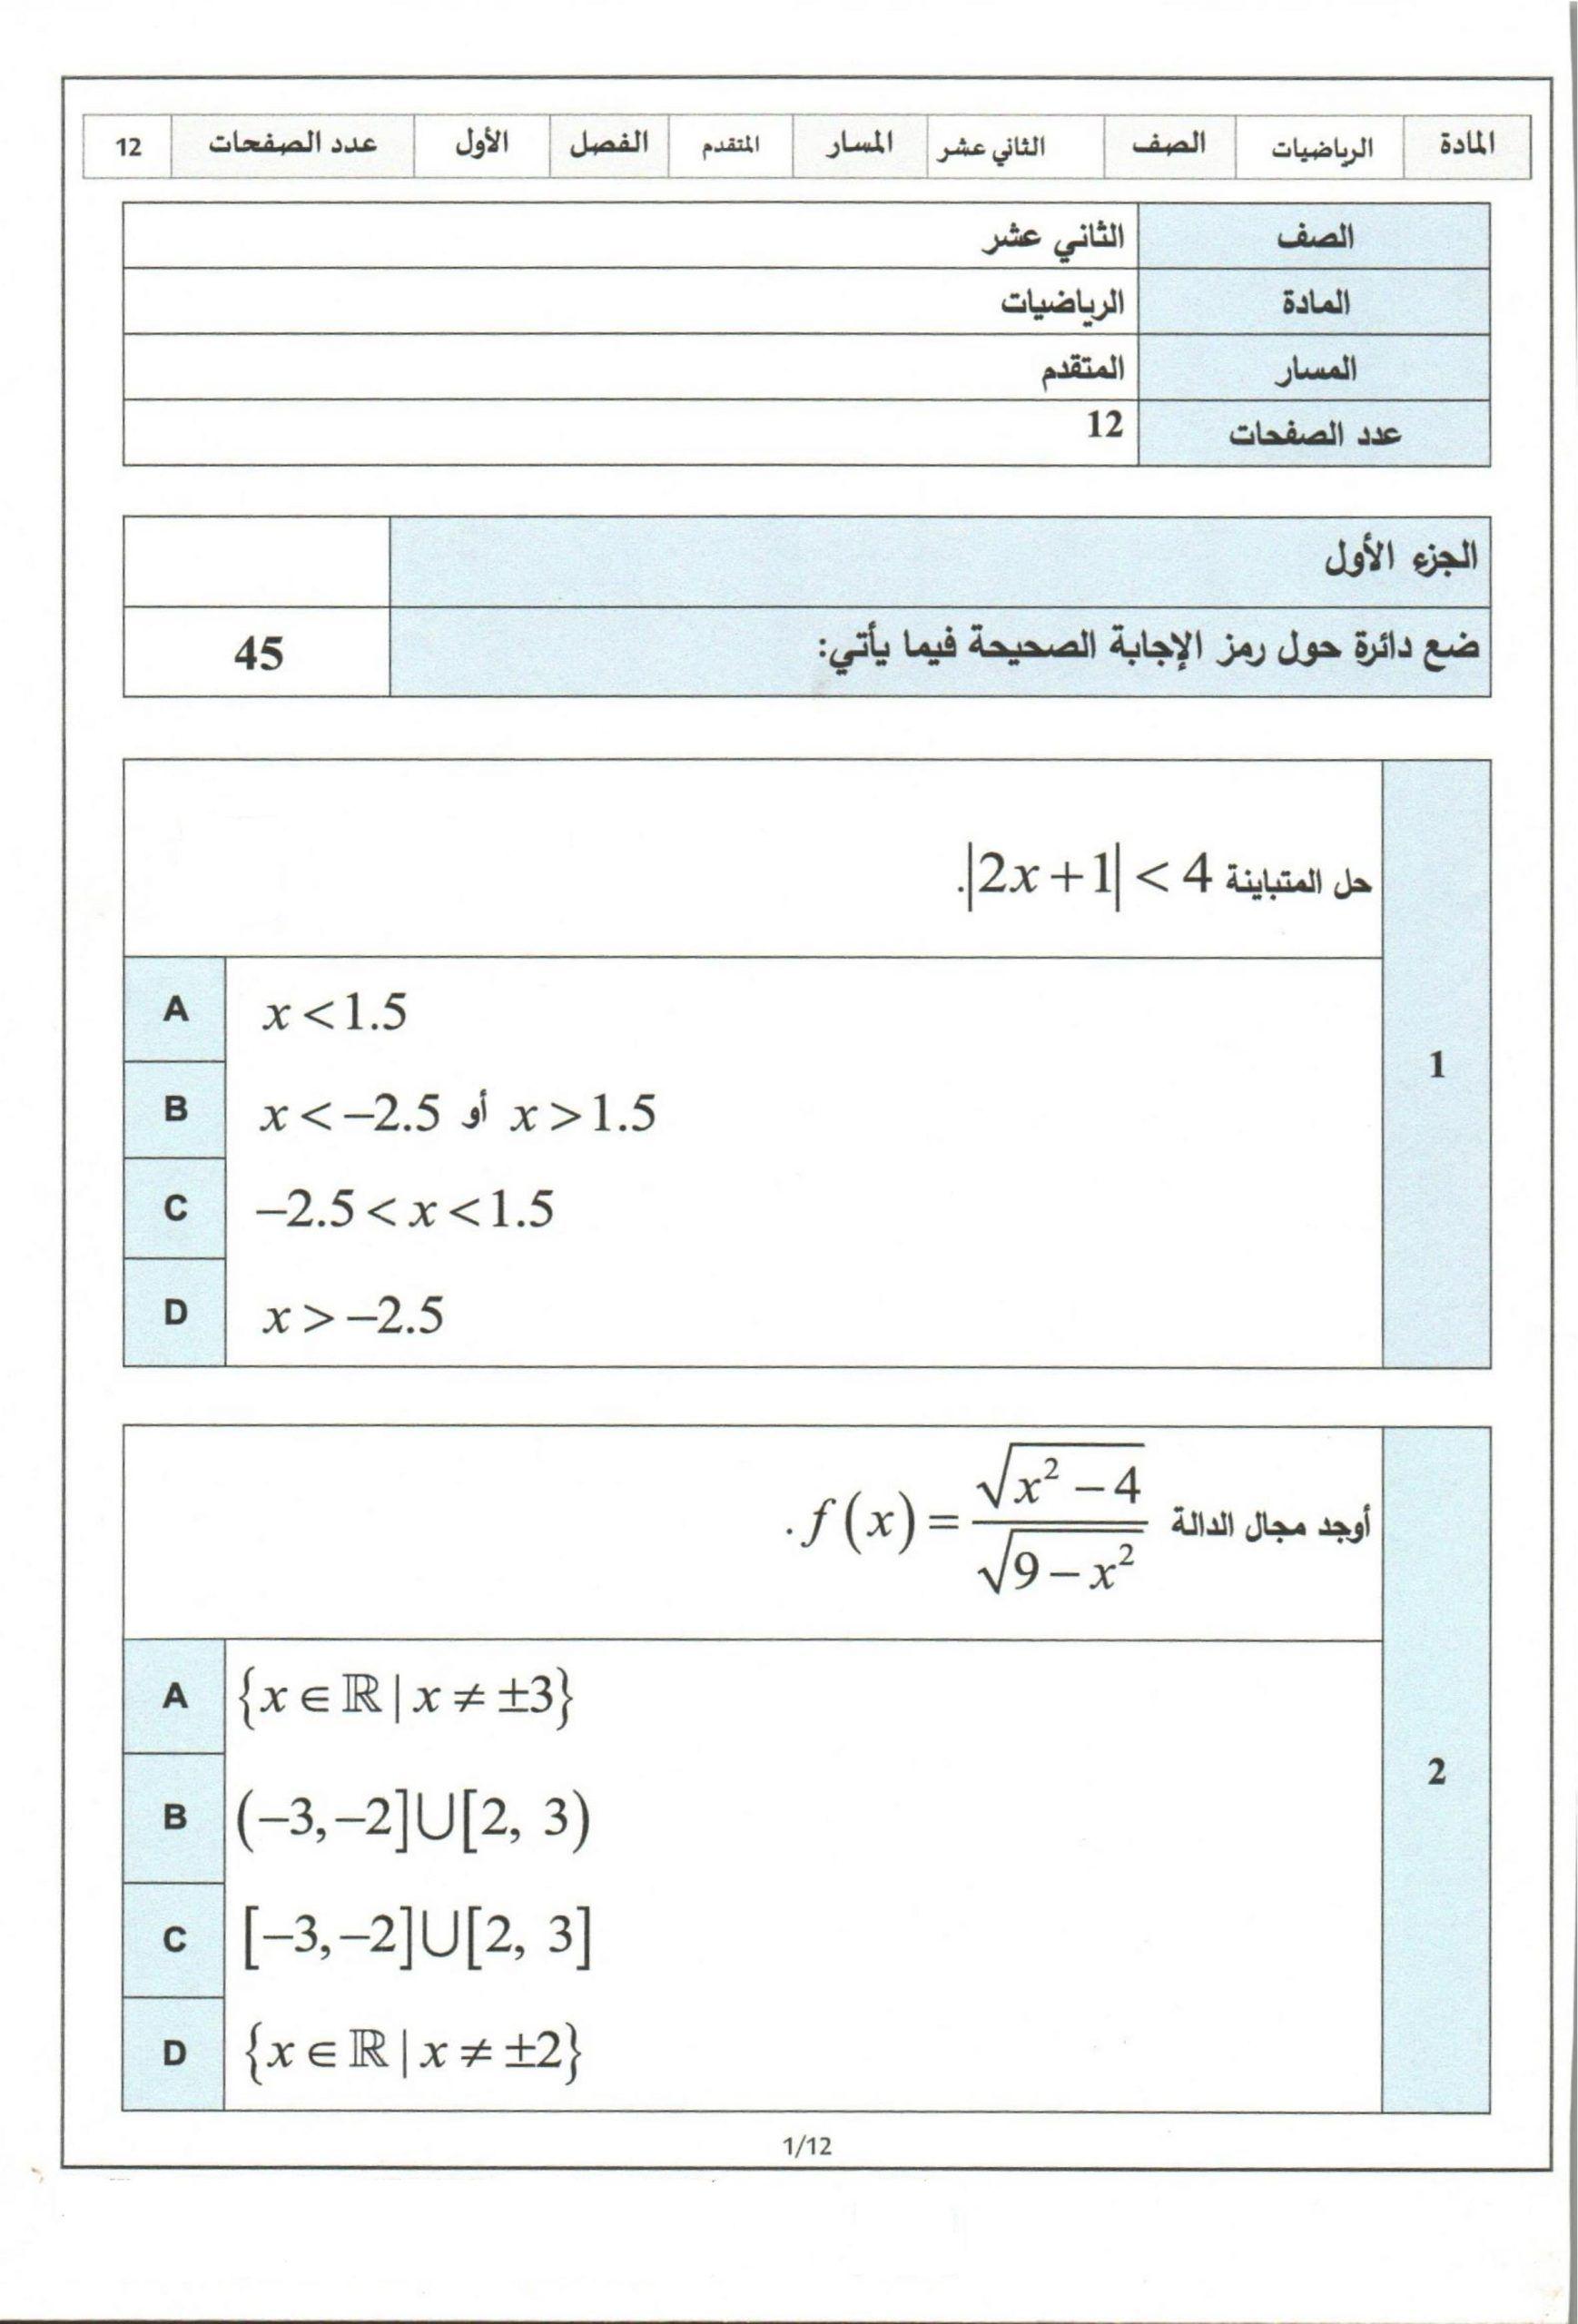 امتحان نهاية الفصل الدراسي الاول 2019 2020 للصف الثاني عشر متقدم مادة الرياضيات المتكاملة